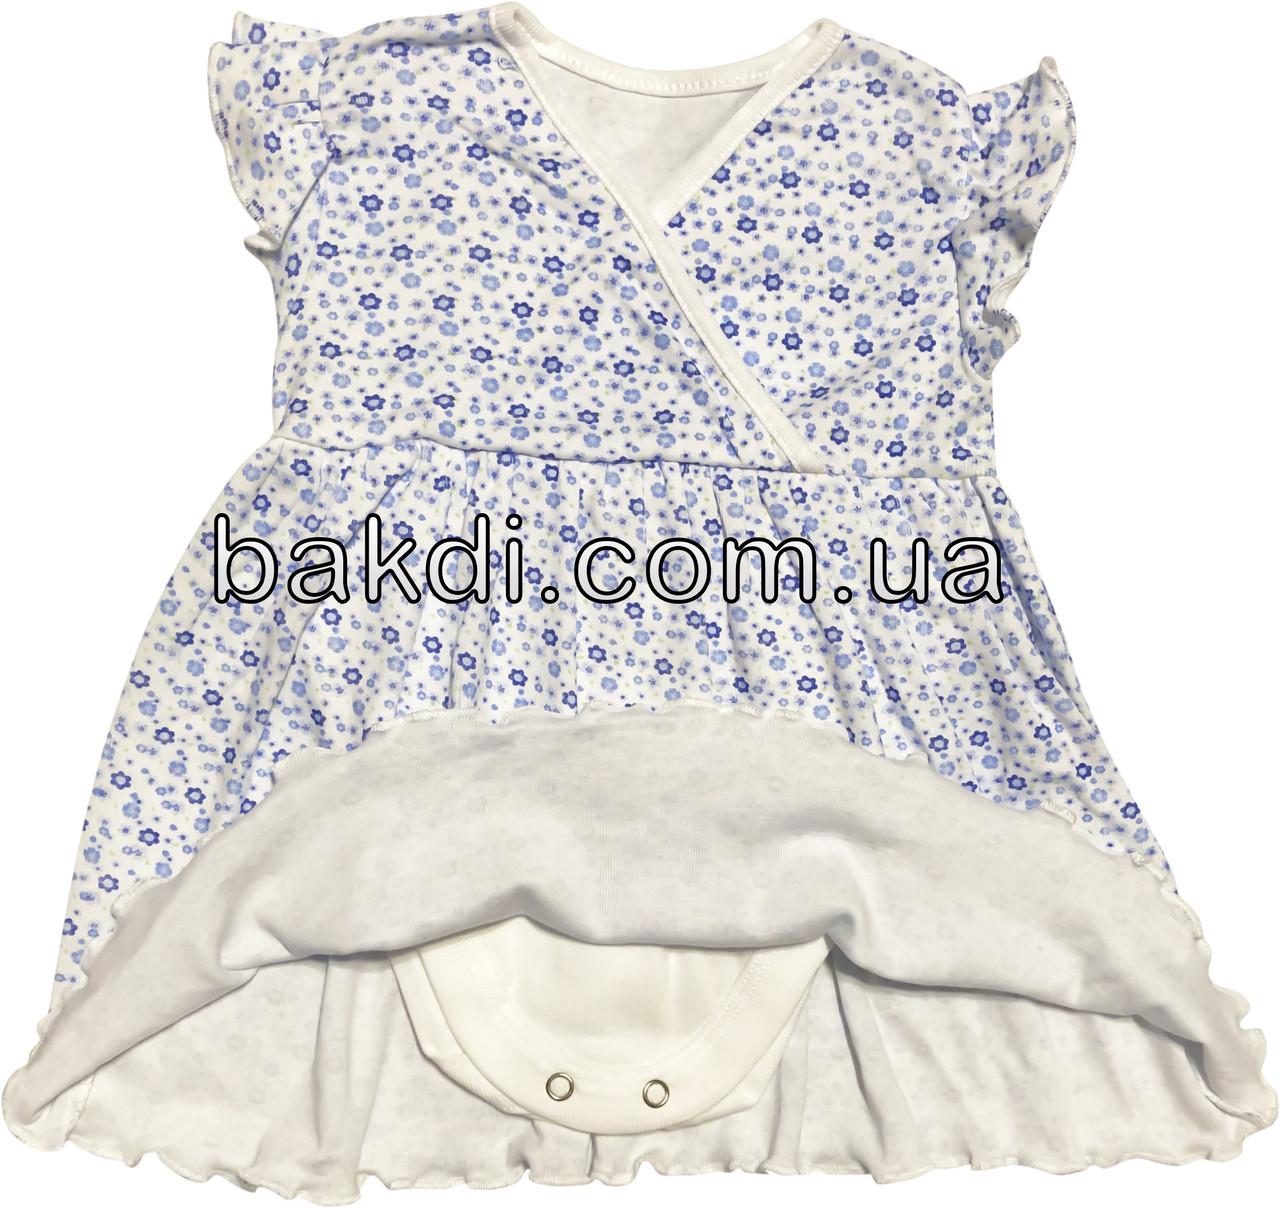 Детское летнее платье рост 68 3-6 мес трикотажное белое на девочку с коротким рукавом для новорожденных малышей Г314